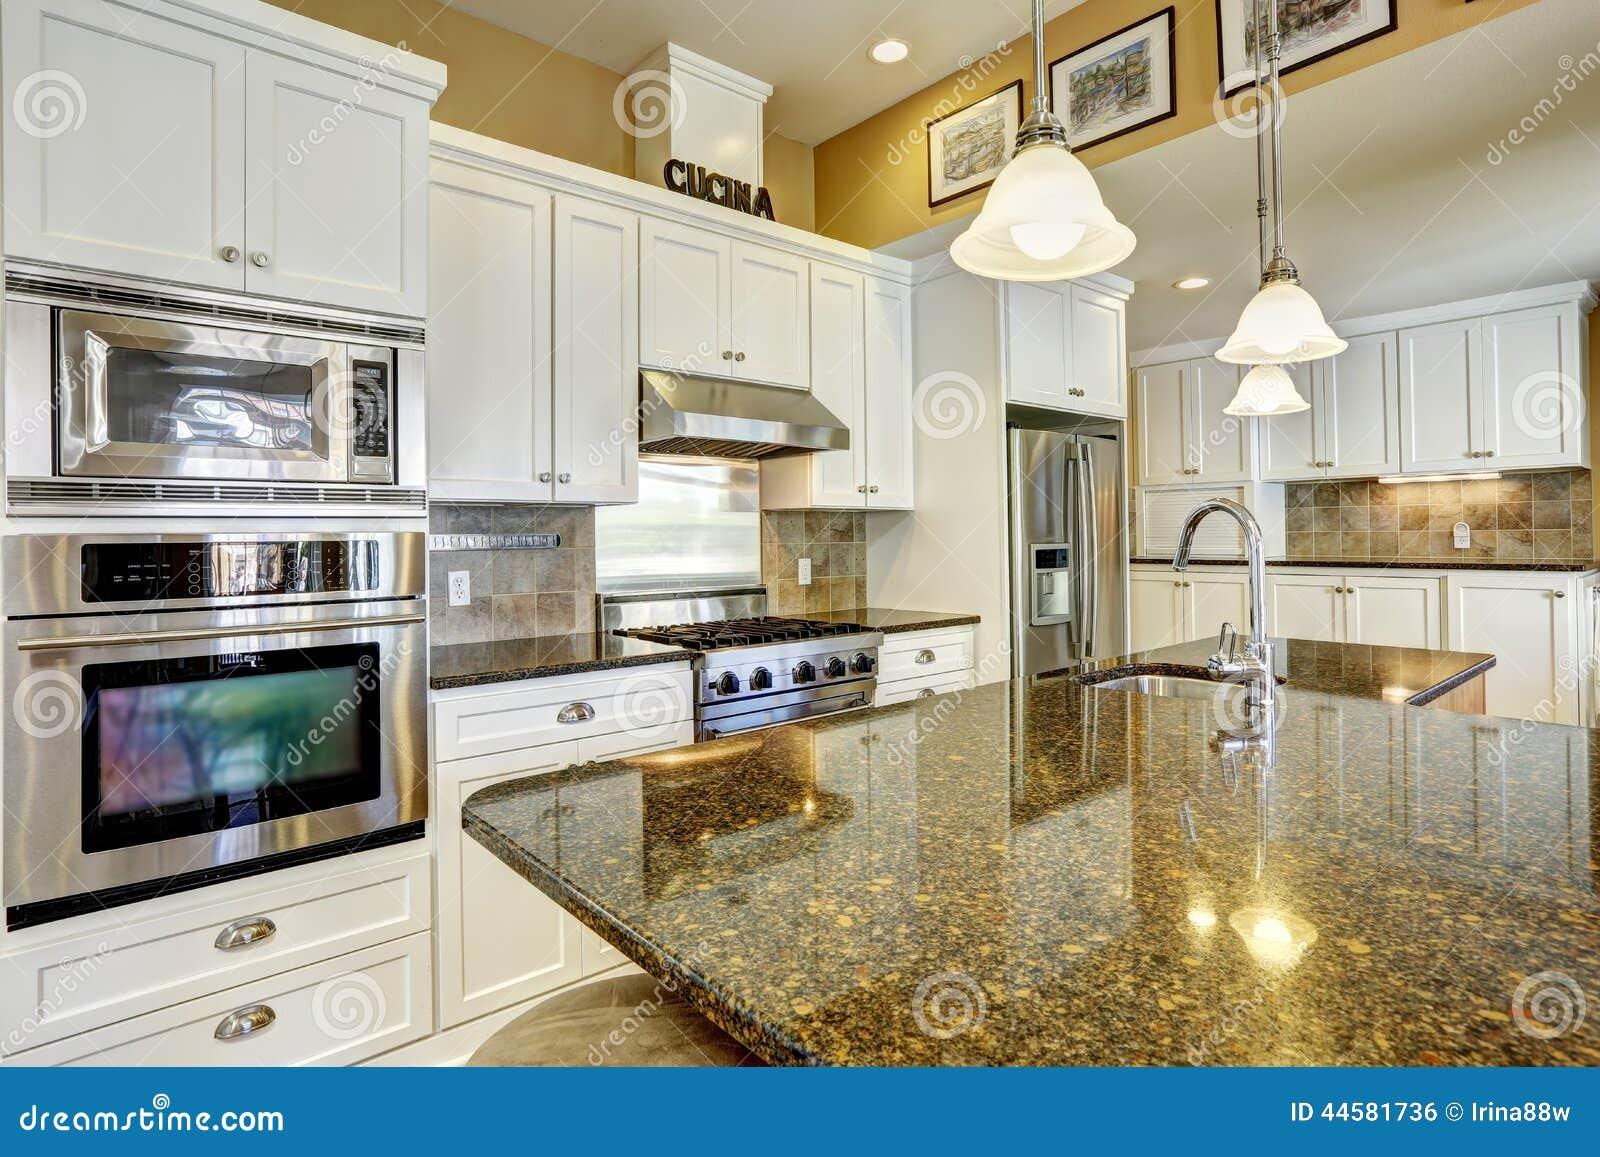 Küchenraum Mit Granitoberteilen Und Weißer Speicherkombination ...